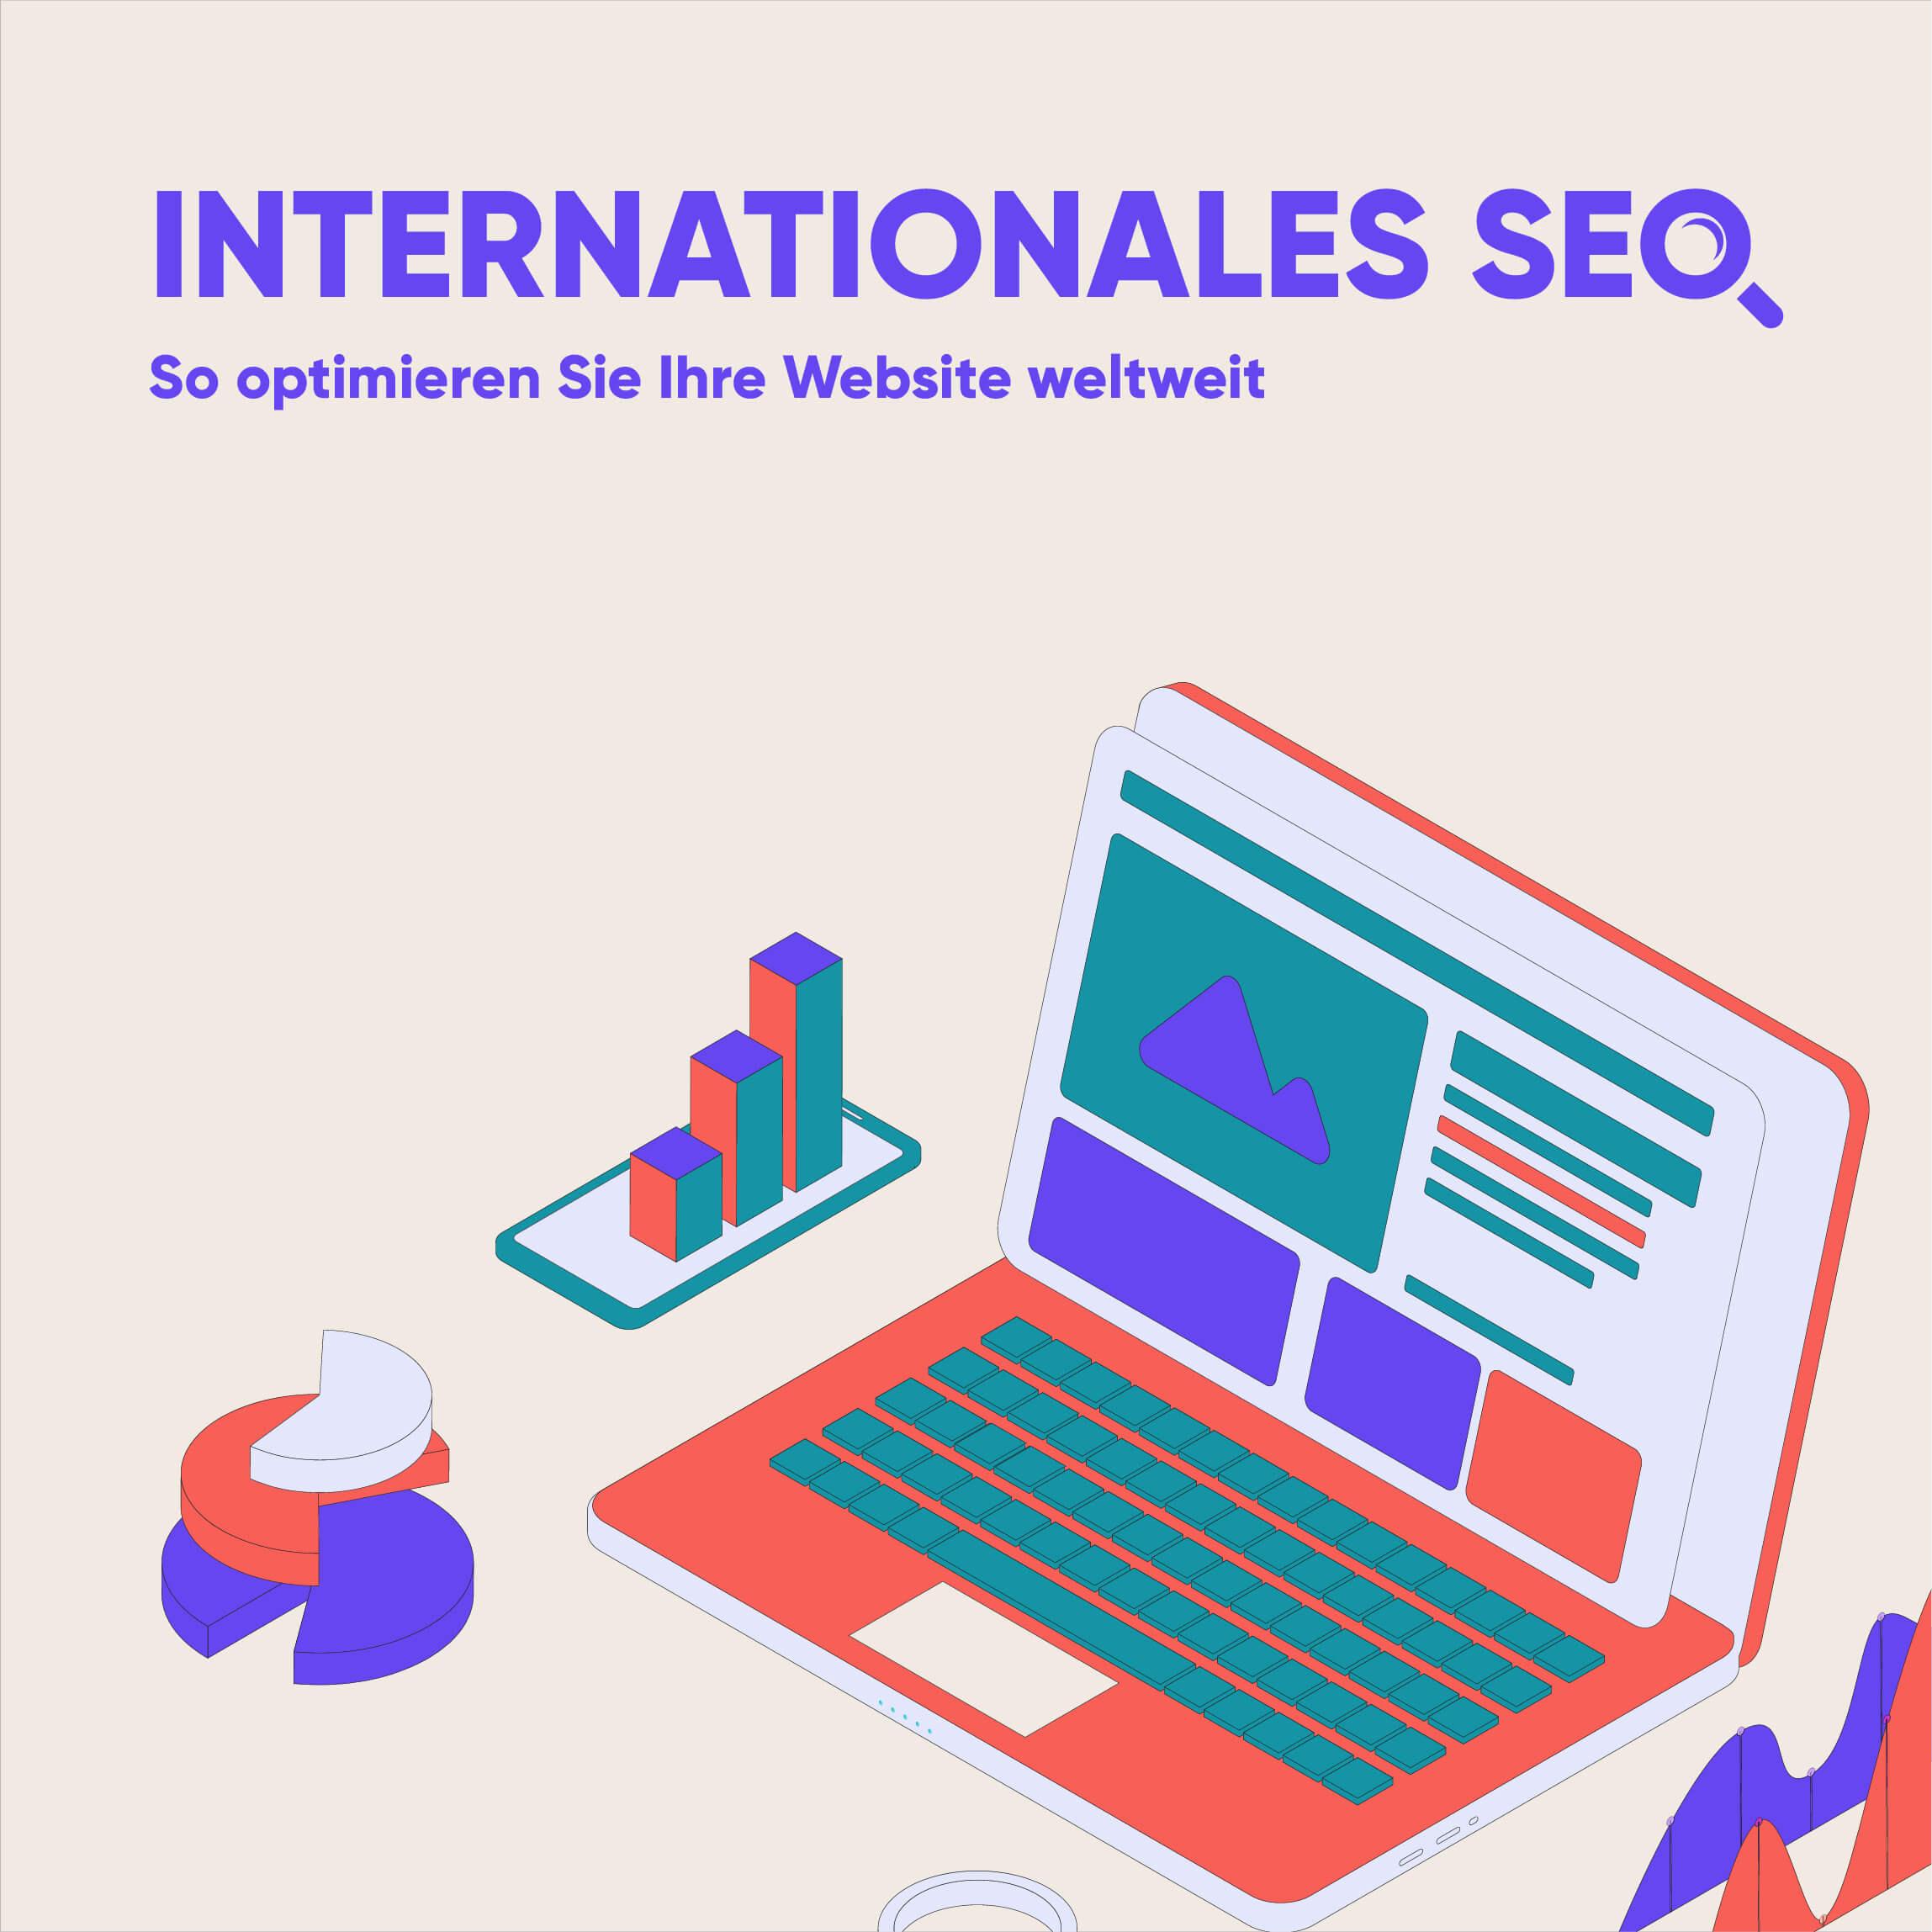 Internationales SEO: So optimieren Sie Ihre Website weltweit